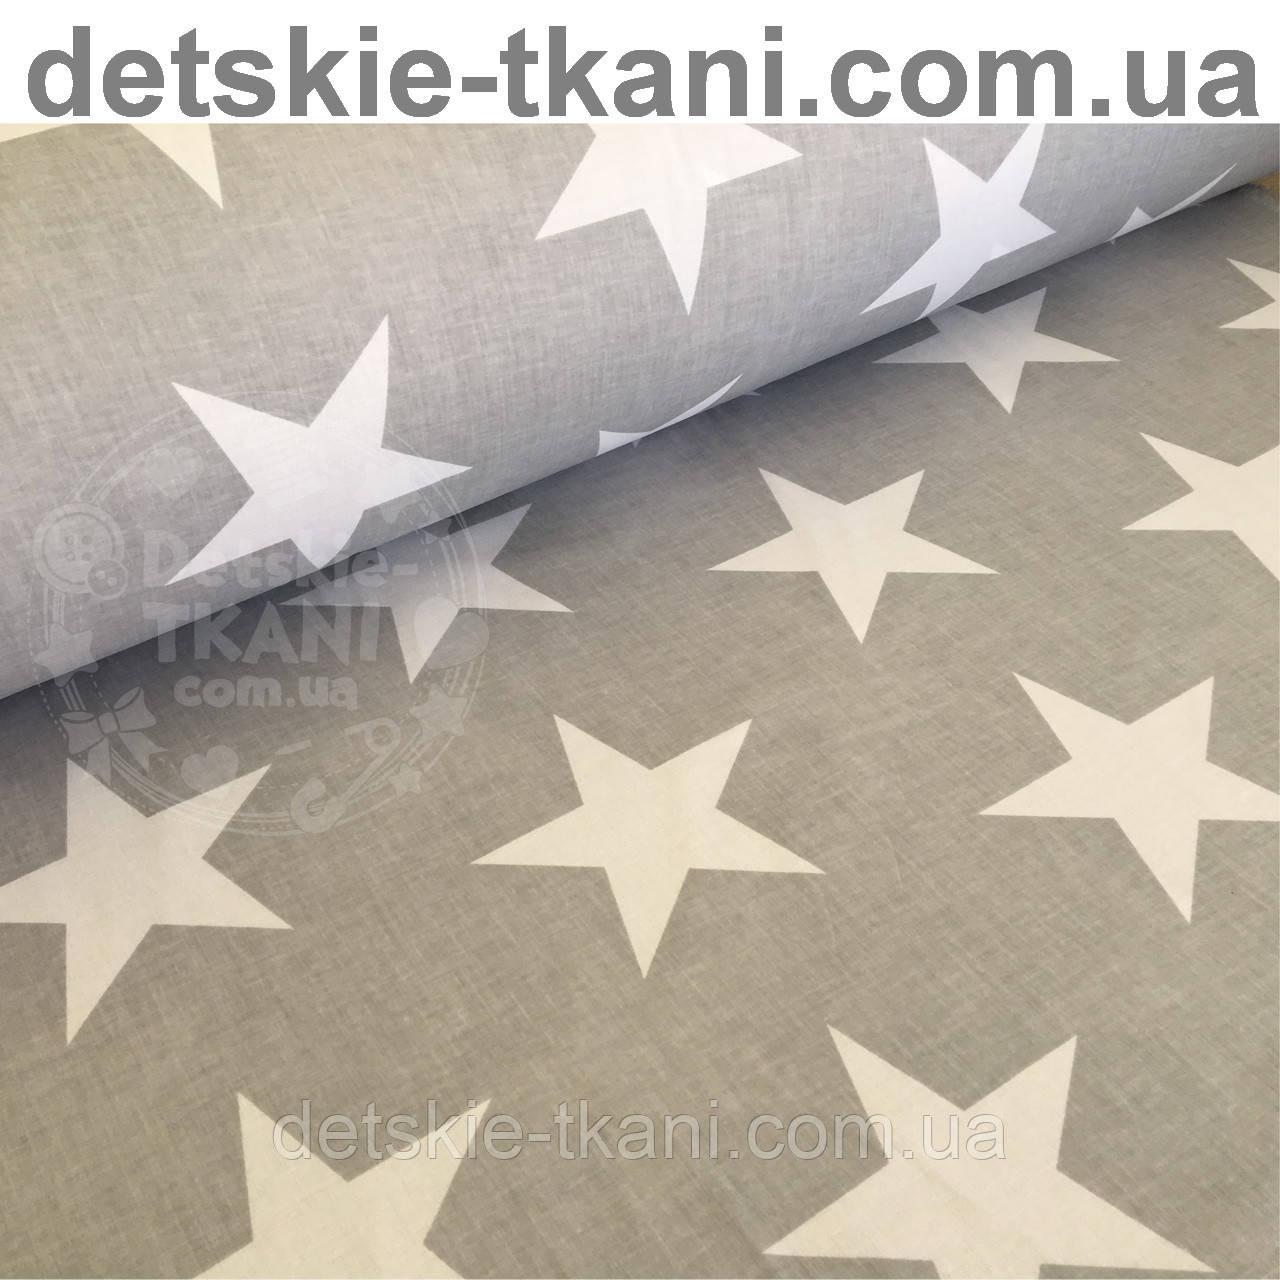 Ткань бязь с белыми макси-звёздами 12 см на светло-сером фоне, плотность 125 г/м2  (№764а).